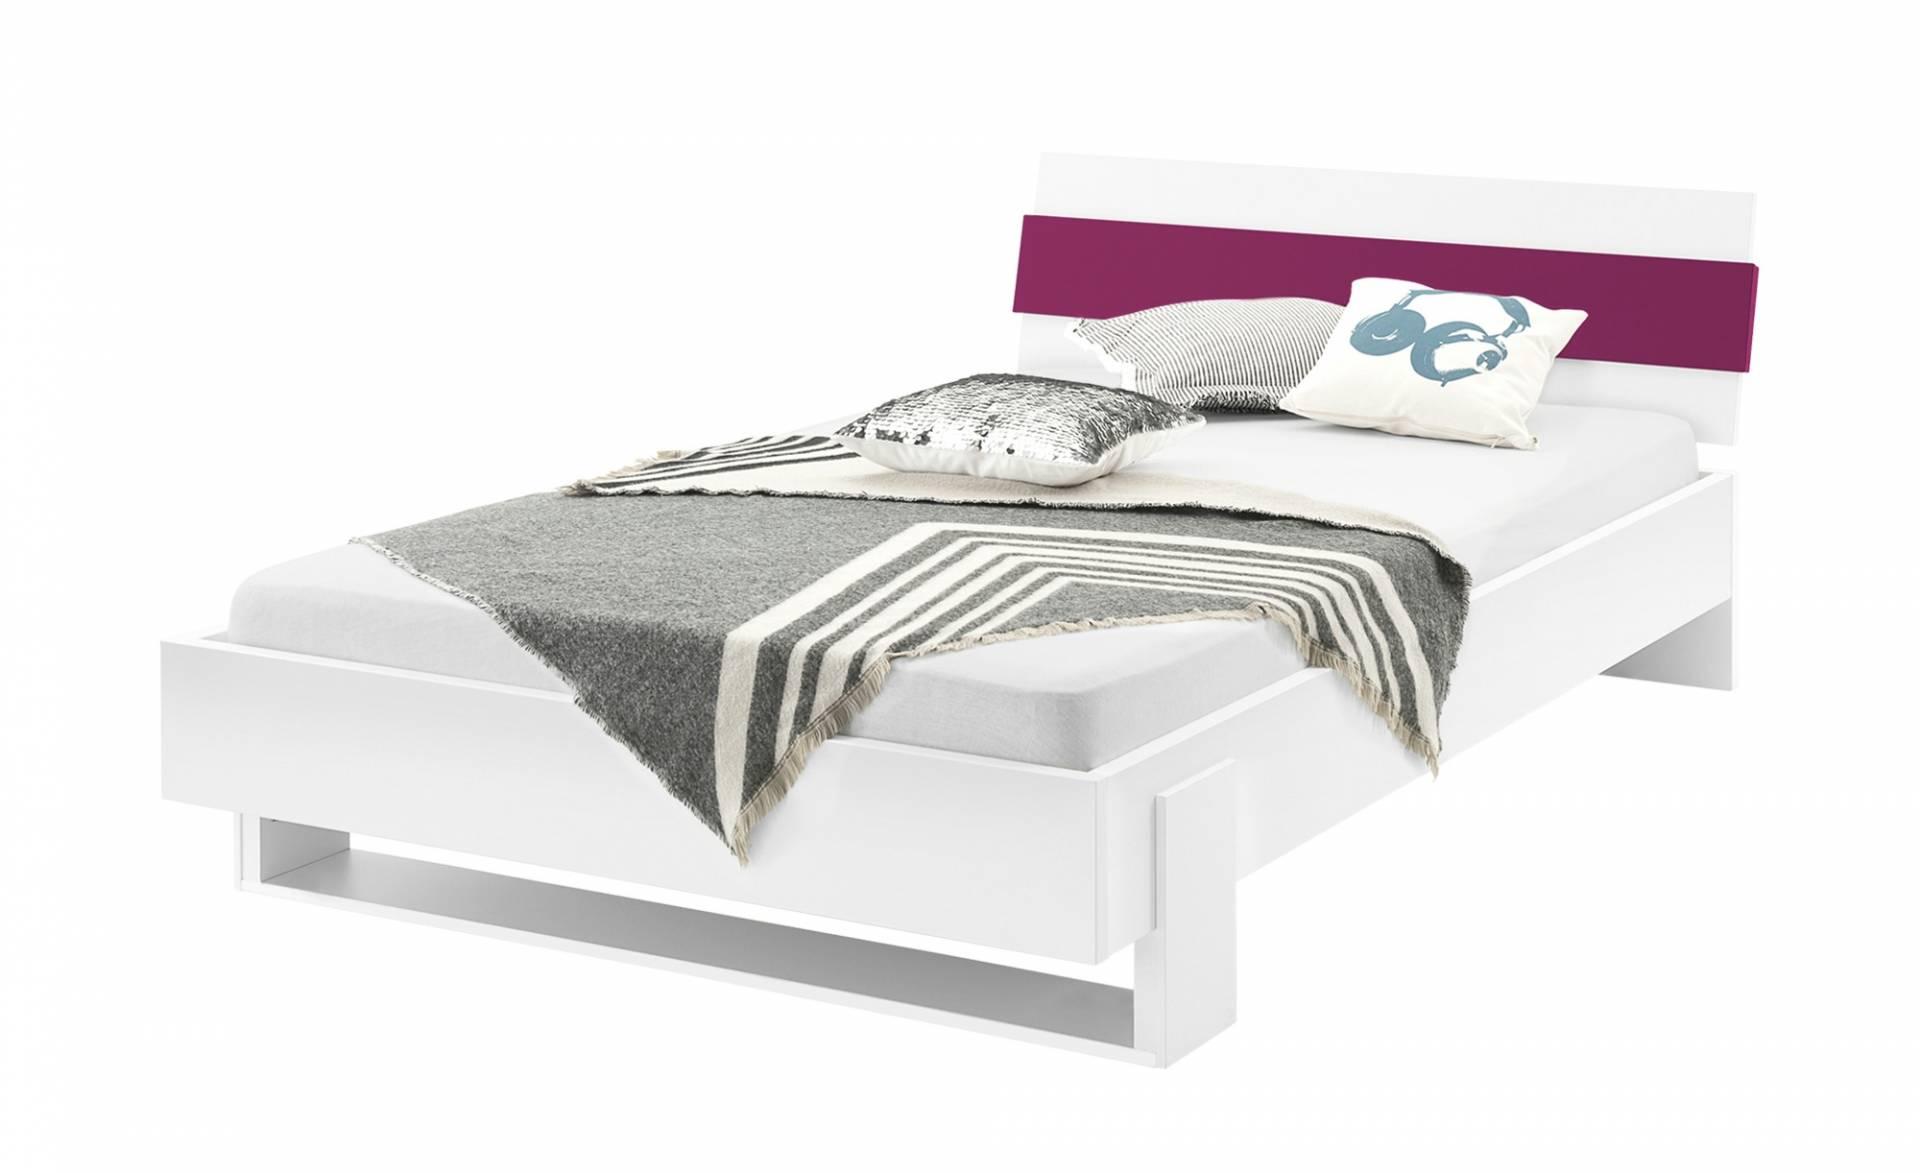 betten und weitere m bel f r kinderzimmer bei m bel h ffner online kaufen bei m bel garten. Black Bedroom Furniture Sets. Home Design Ideas